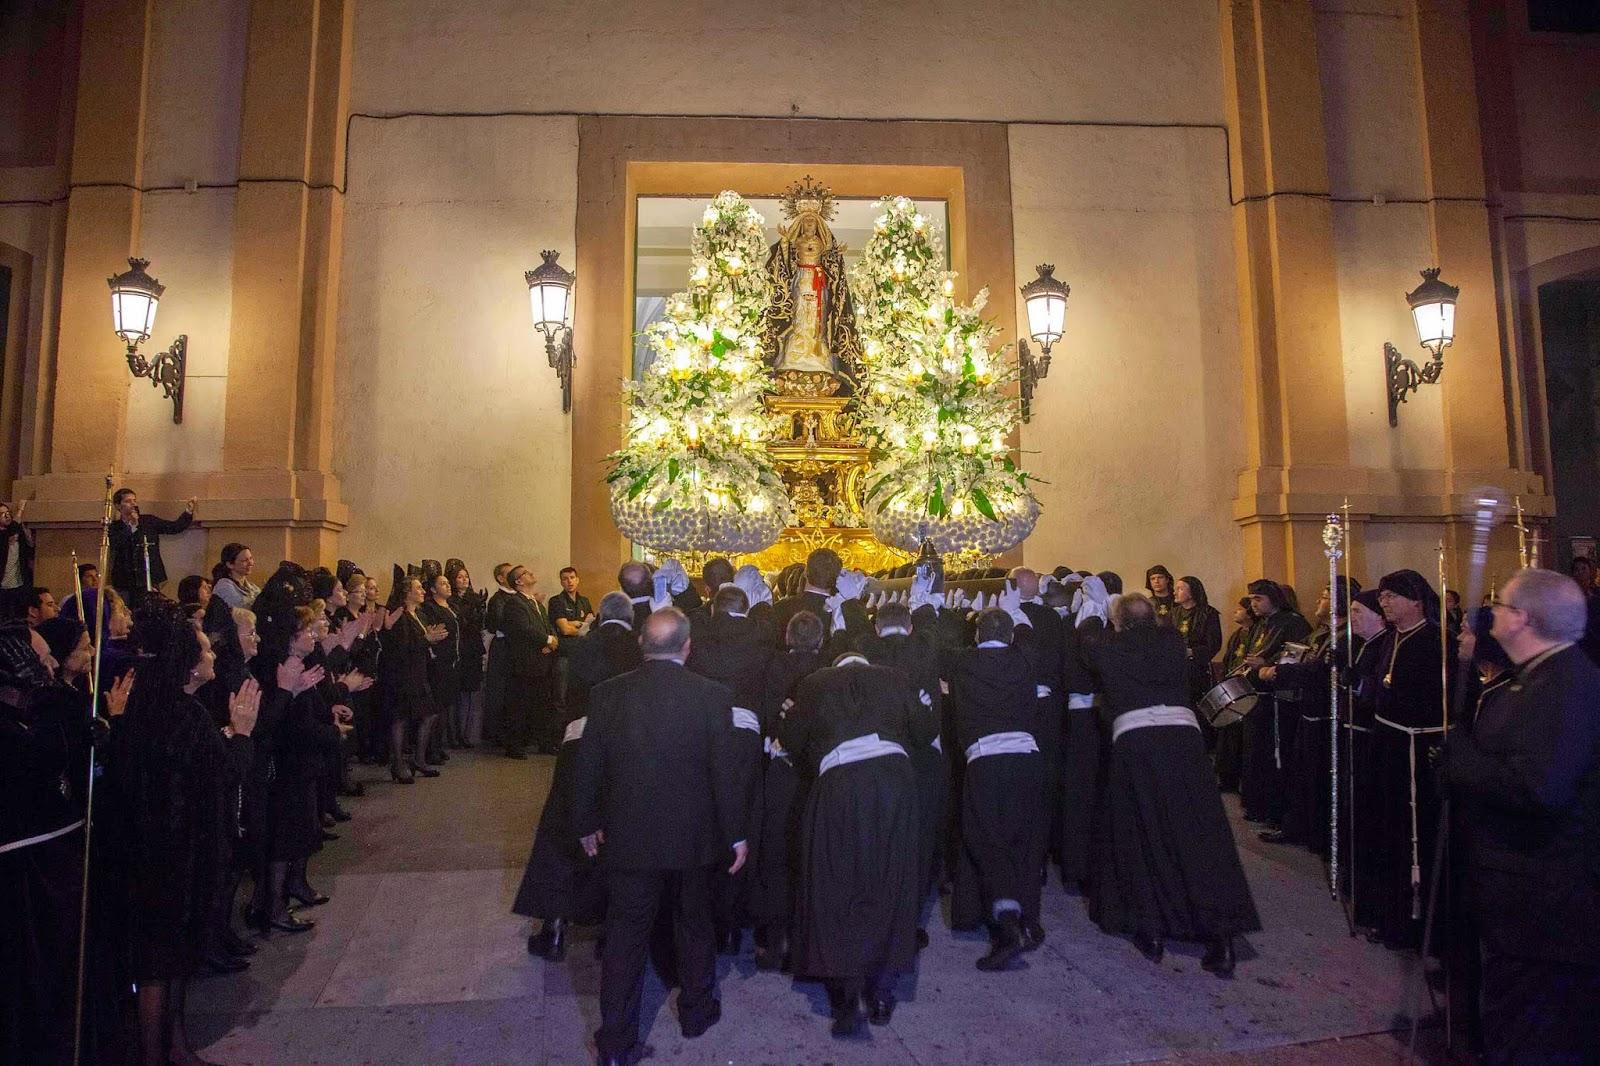 Trono Soledad Semana Santa Cartagena Murcia Arturo Serra escultura 18